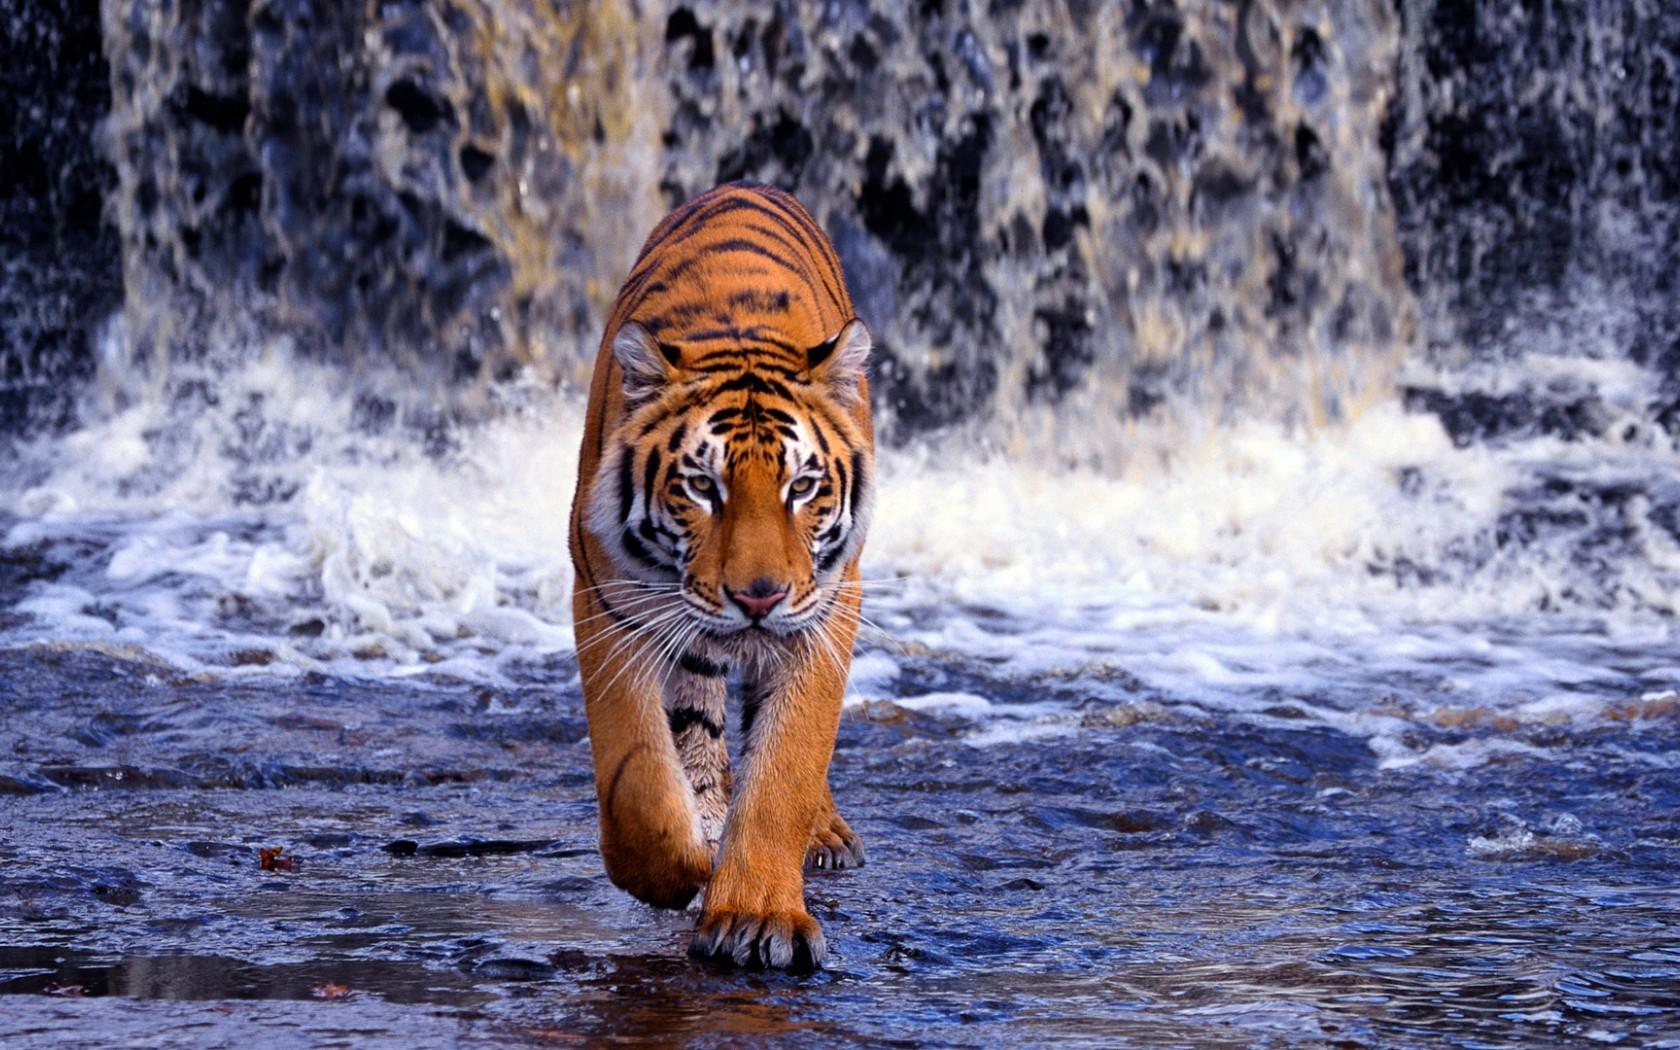 20299 Hintergrundbild herunterladen Tigers, Tiere - Bildschirmschoner und Bilder kostenlos